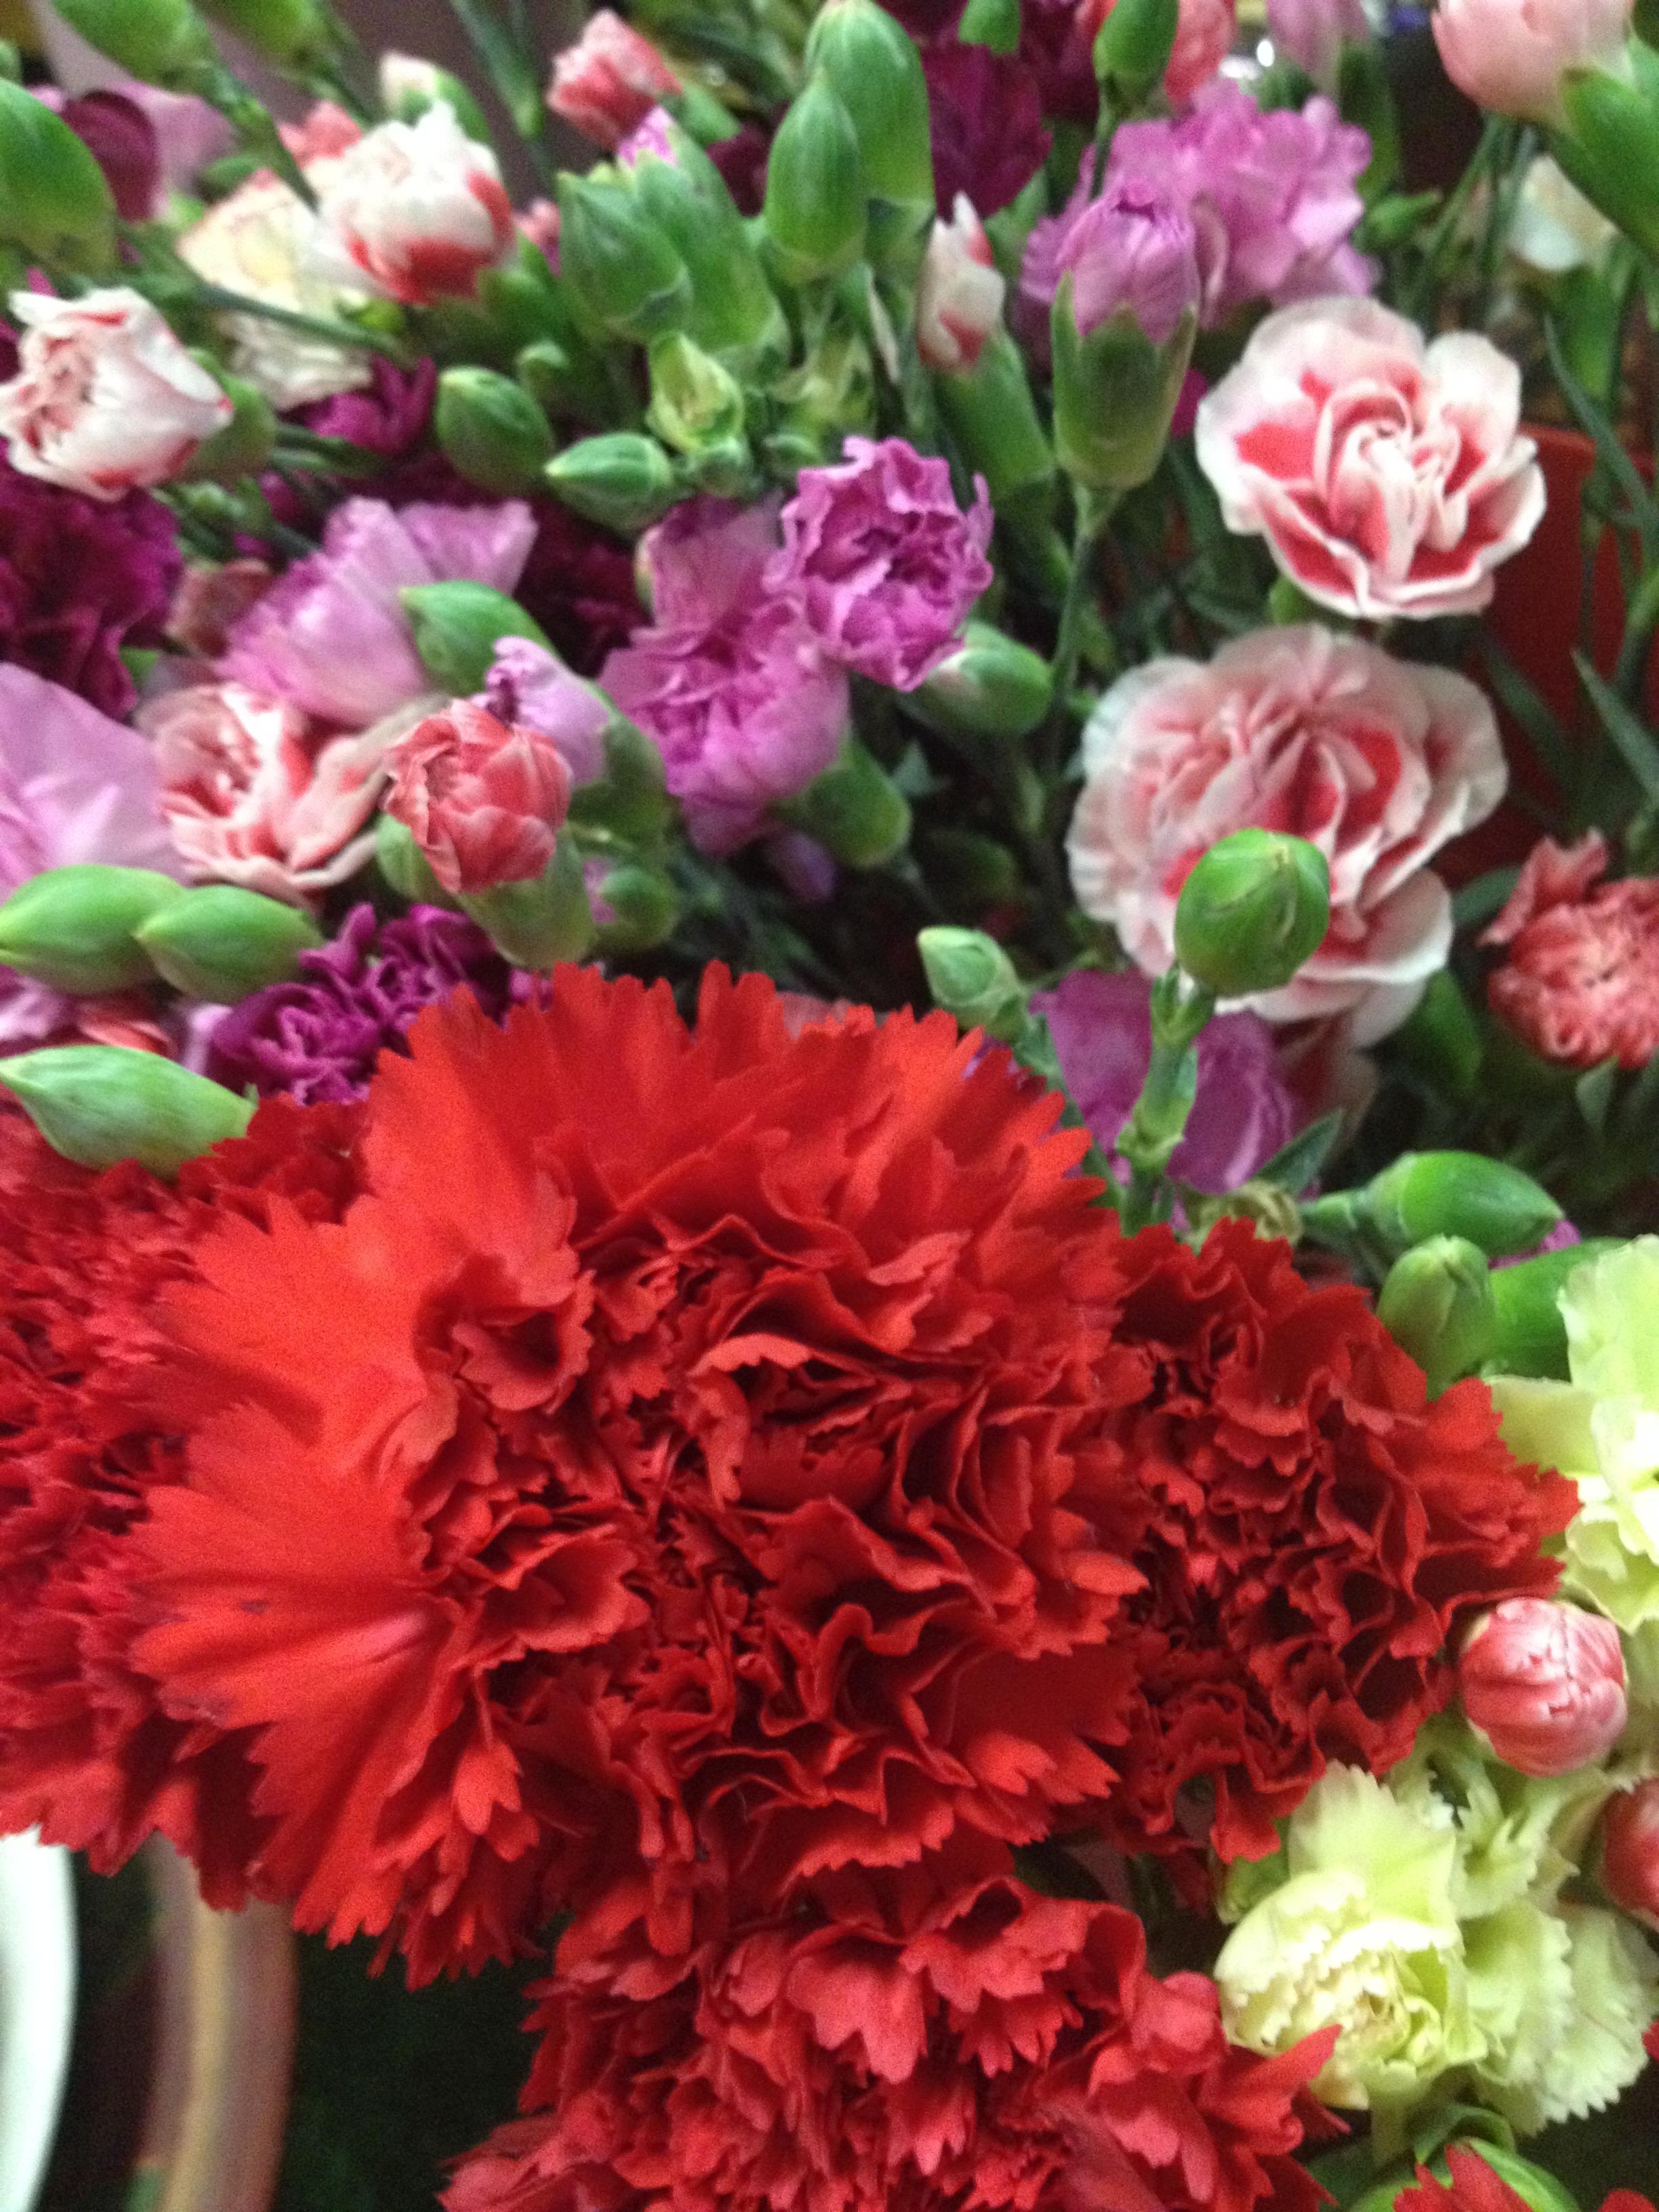 Coltivare Fiori Da Recidere il fiore del garofano ed una fioreria libreria - natura in